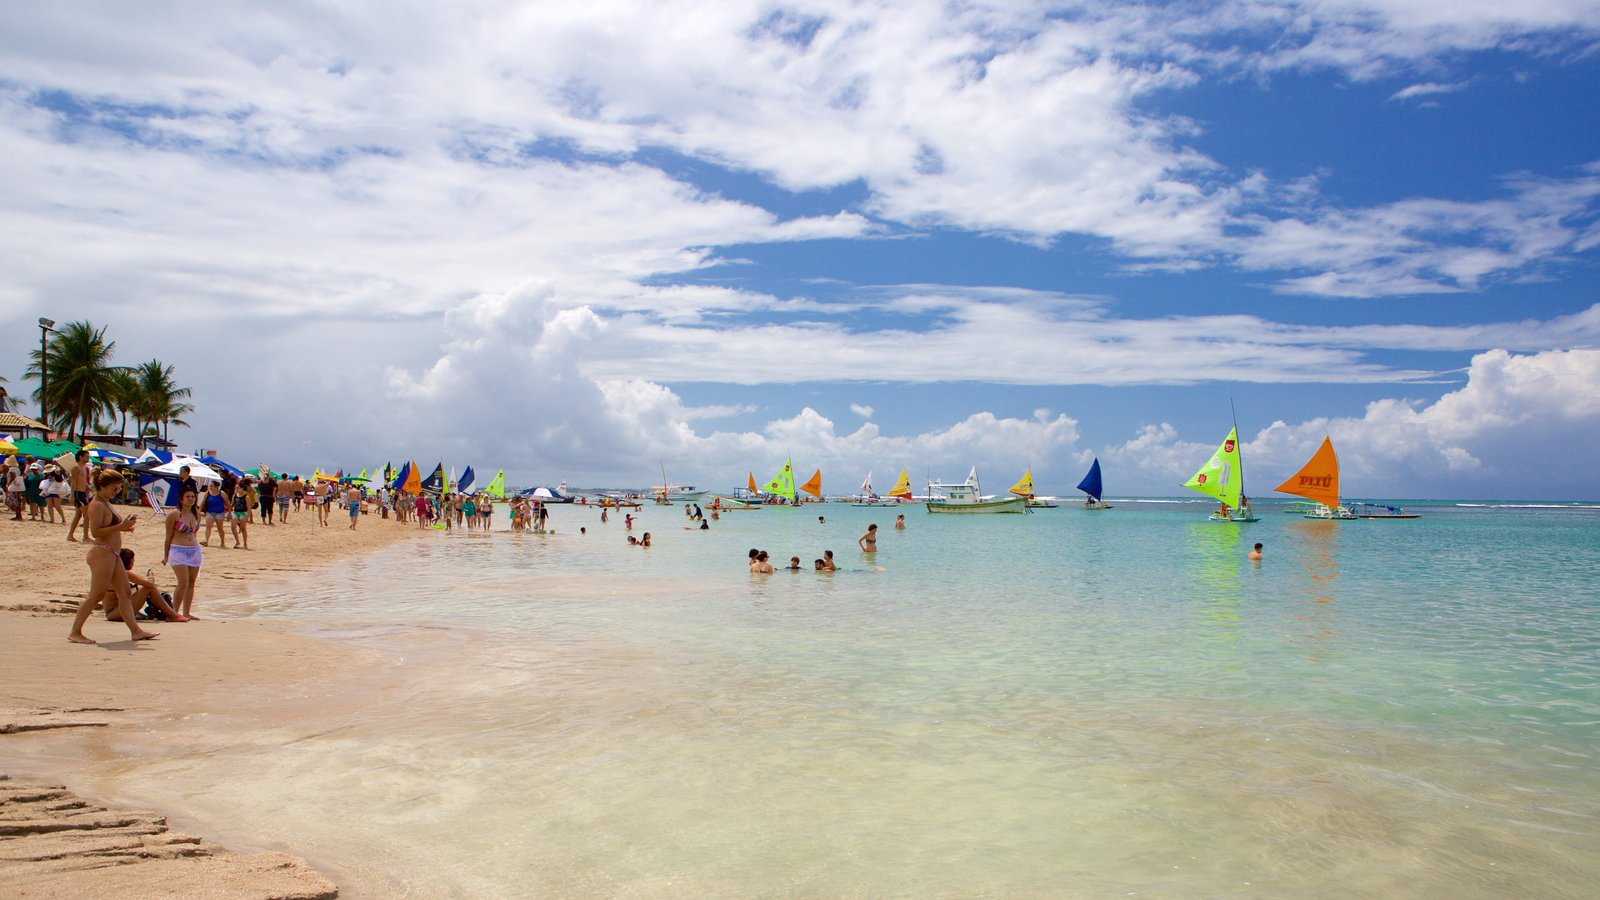 Porto de Galinhas que inclui vela, paisagens litorâneas e uma praia de areia